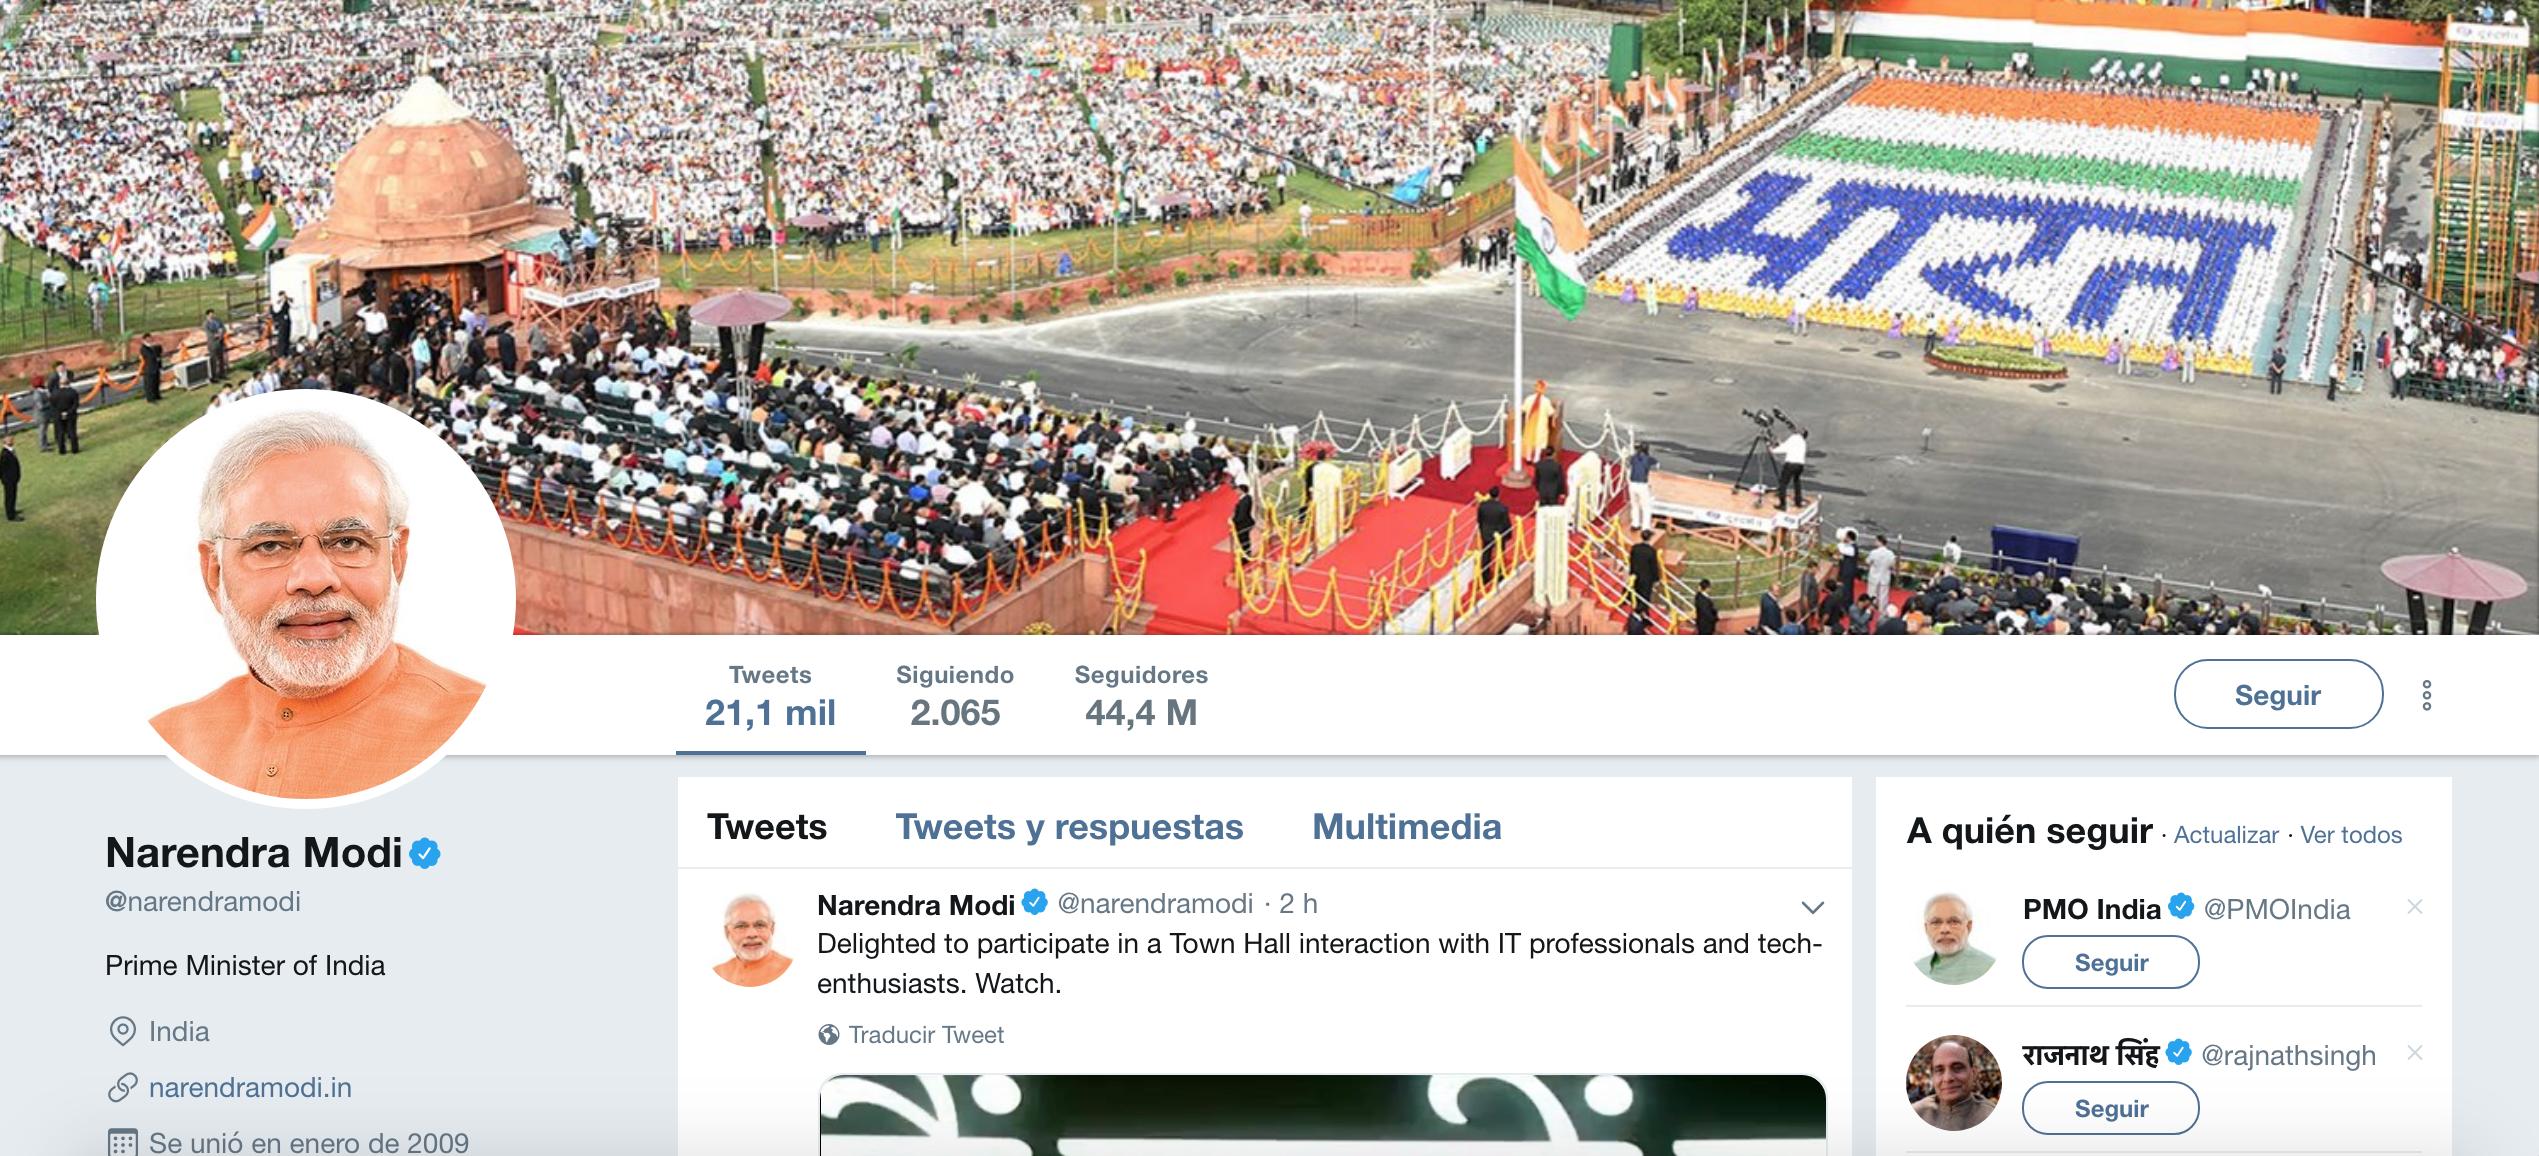 Políticos influencers. Narendra Modi